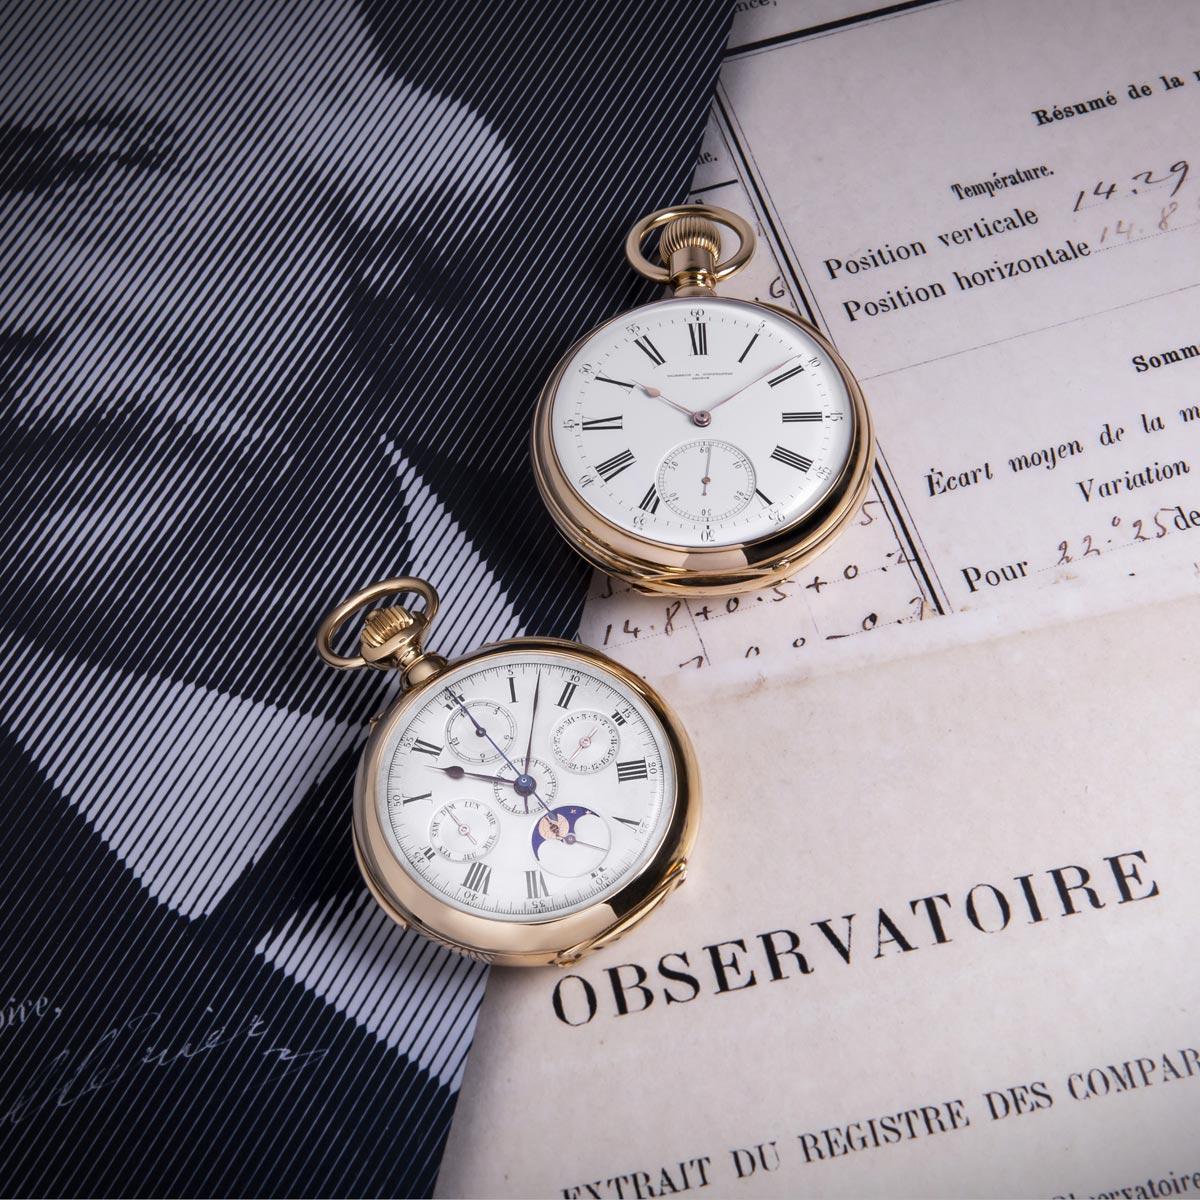 La Cote des Montres : Photo - Vacheron Constantin expose à Genève « Diptyques » a History of Collaborations